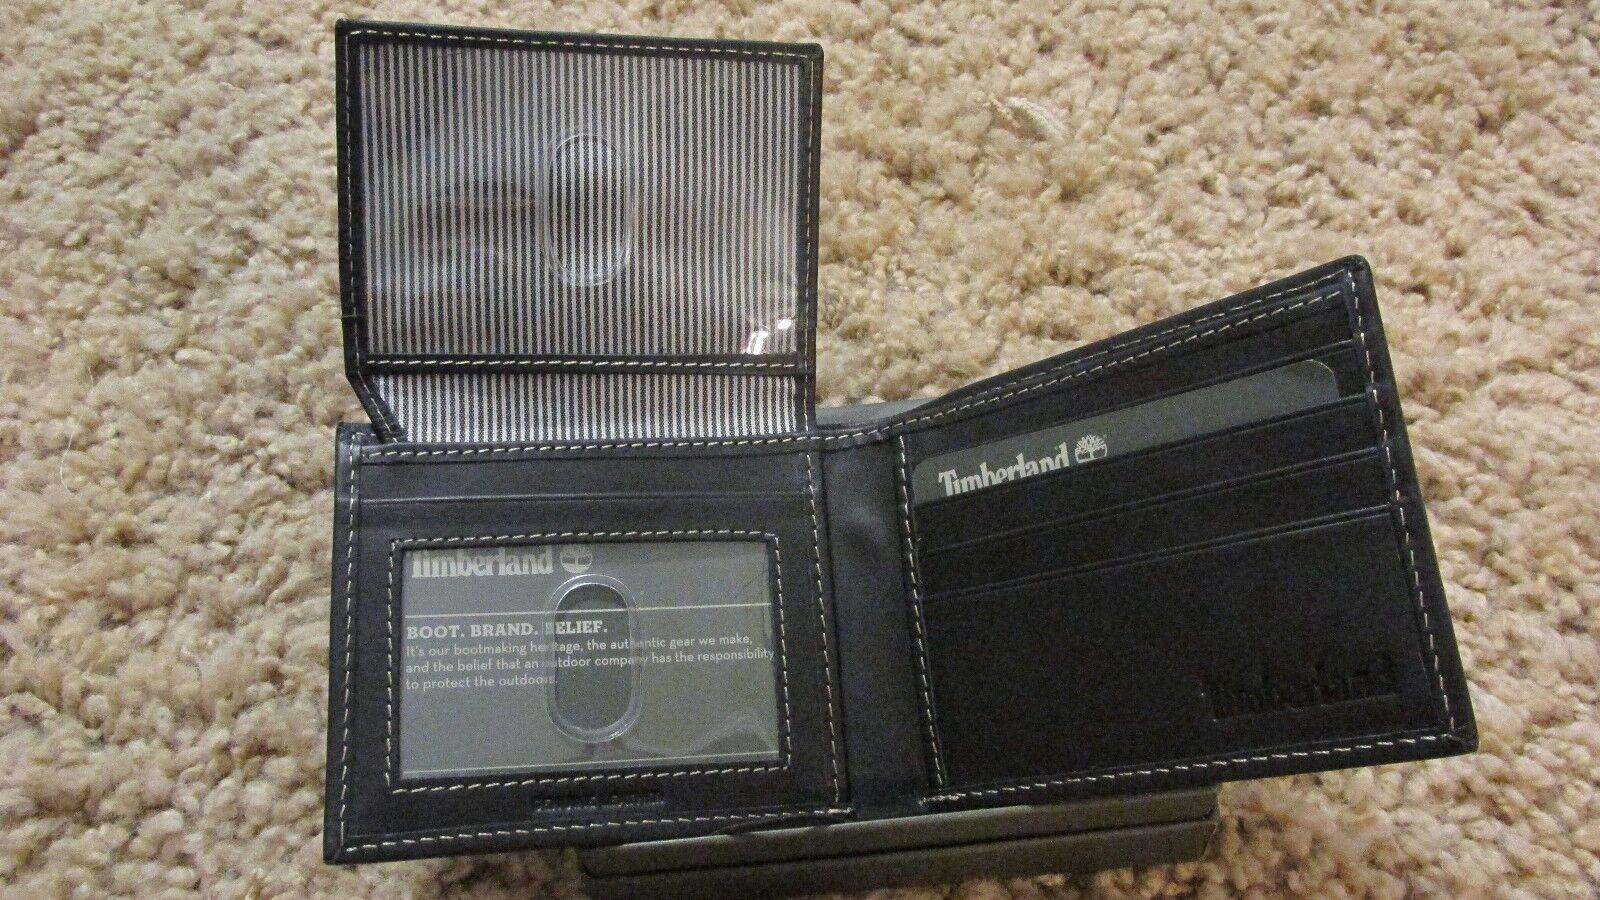 TIMBERLAND Men Genuine Leather Passcase Bifold WALLET NIB Black free shipping